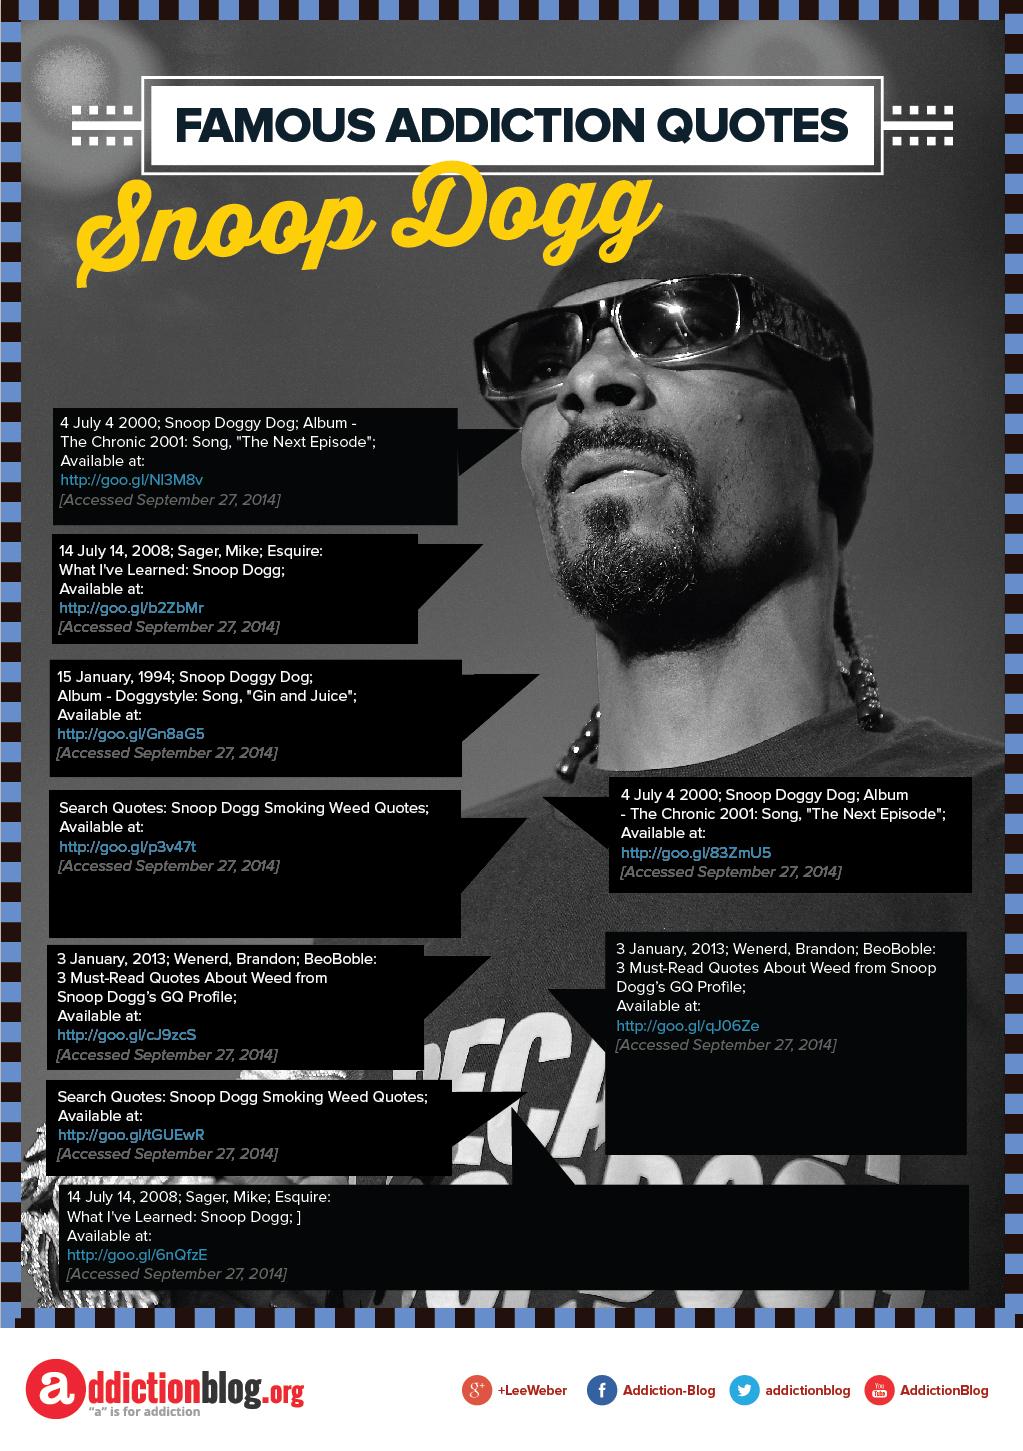 230ce4dc8e Snoop Dogg on drugs and smoking marijuana (INFOGRAPHIC)